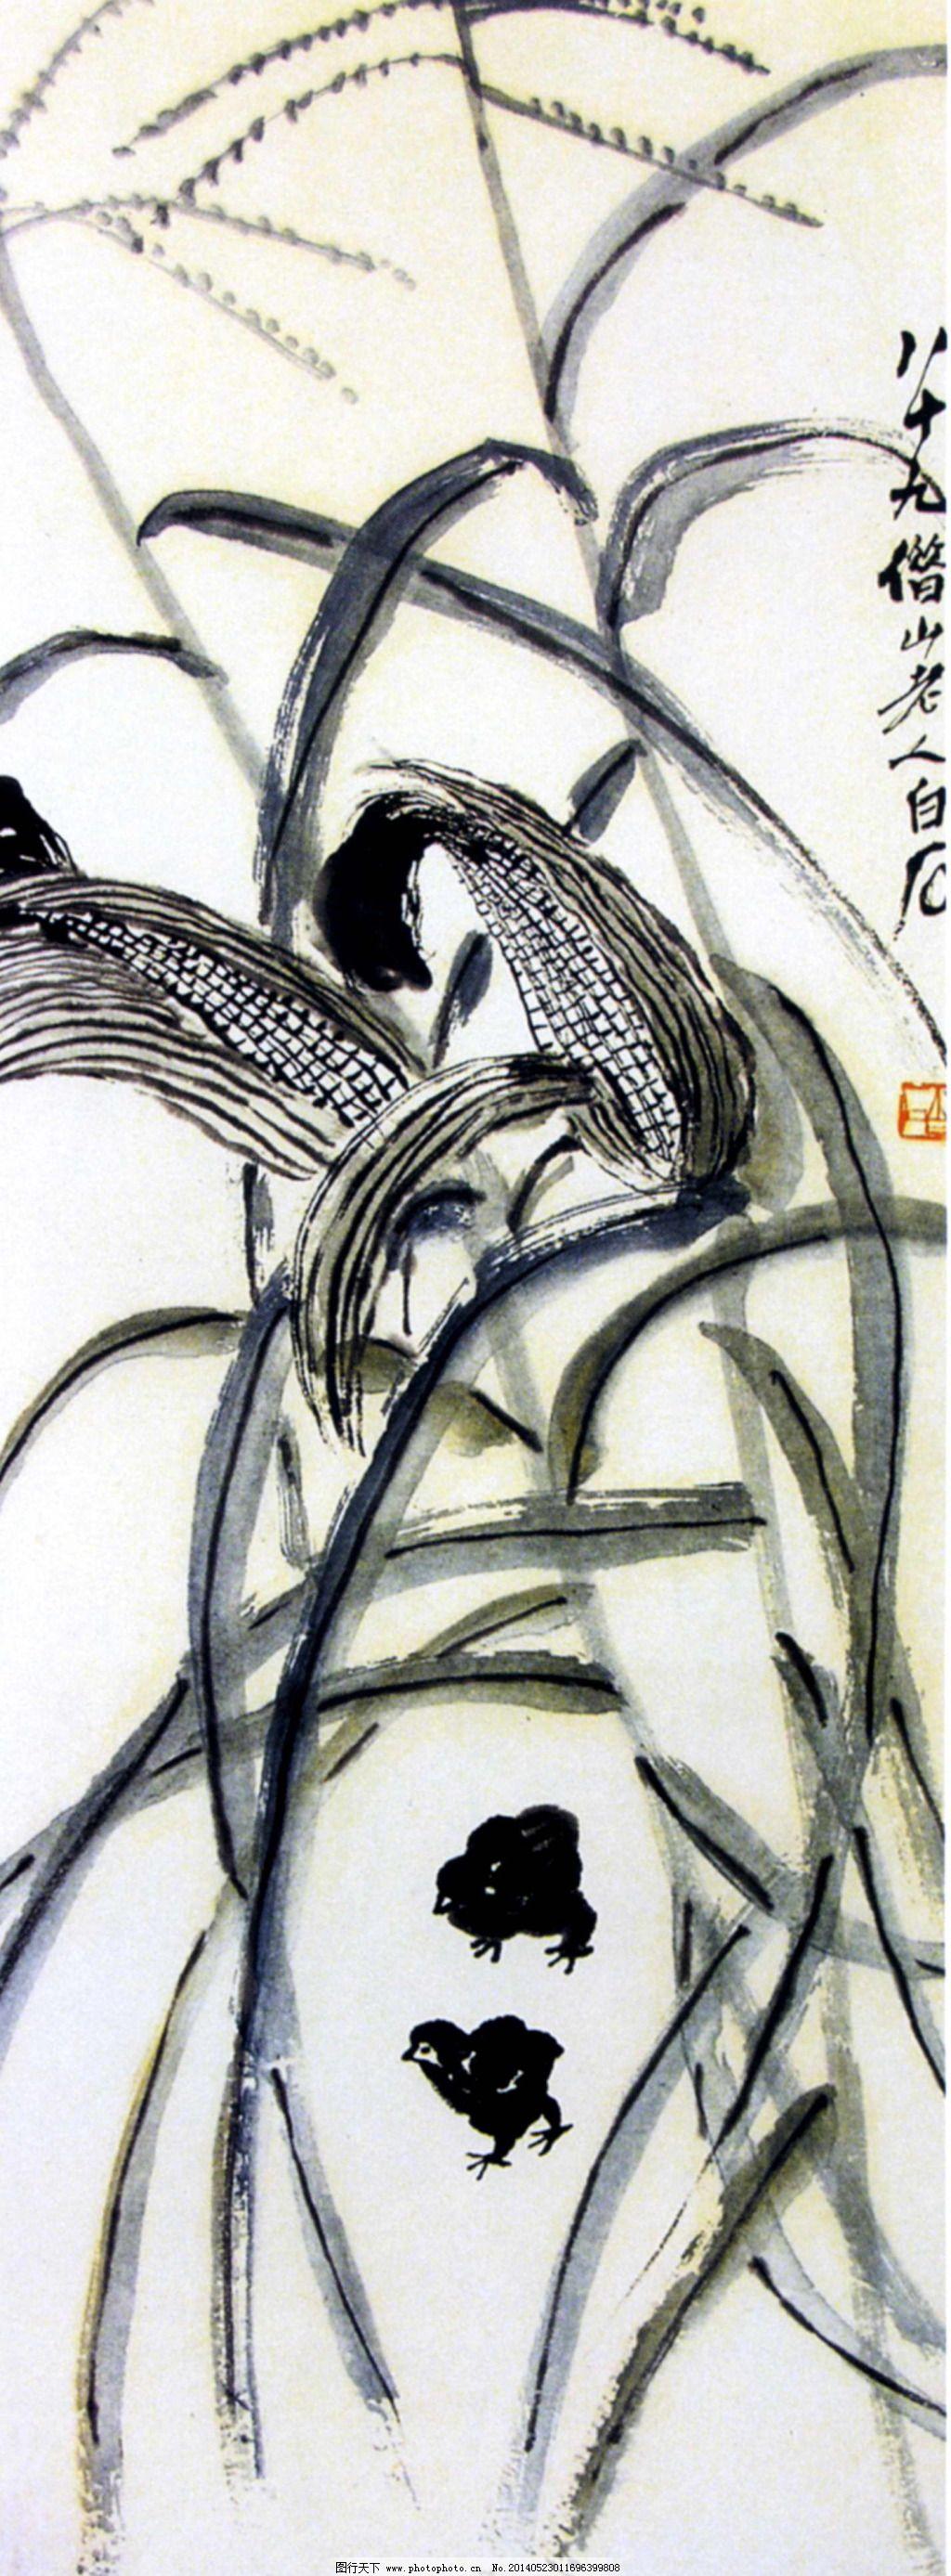 玉米小鸡 玉米小鸡免费下载 国画 绘画书法 美术作品 齐白石 水墨画